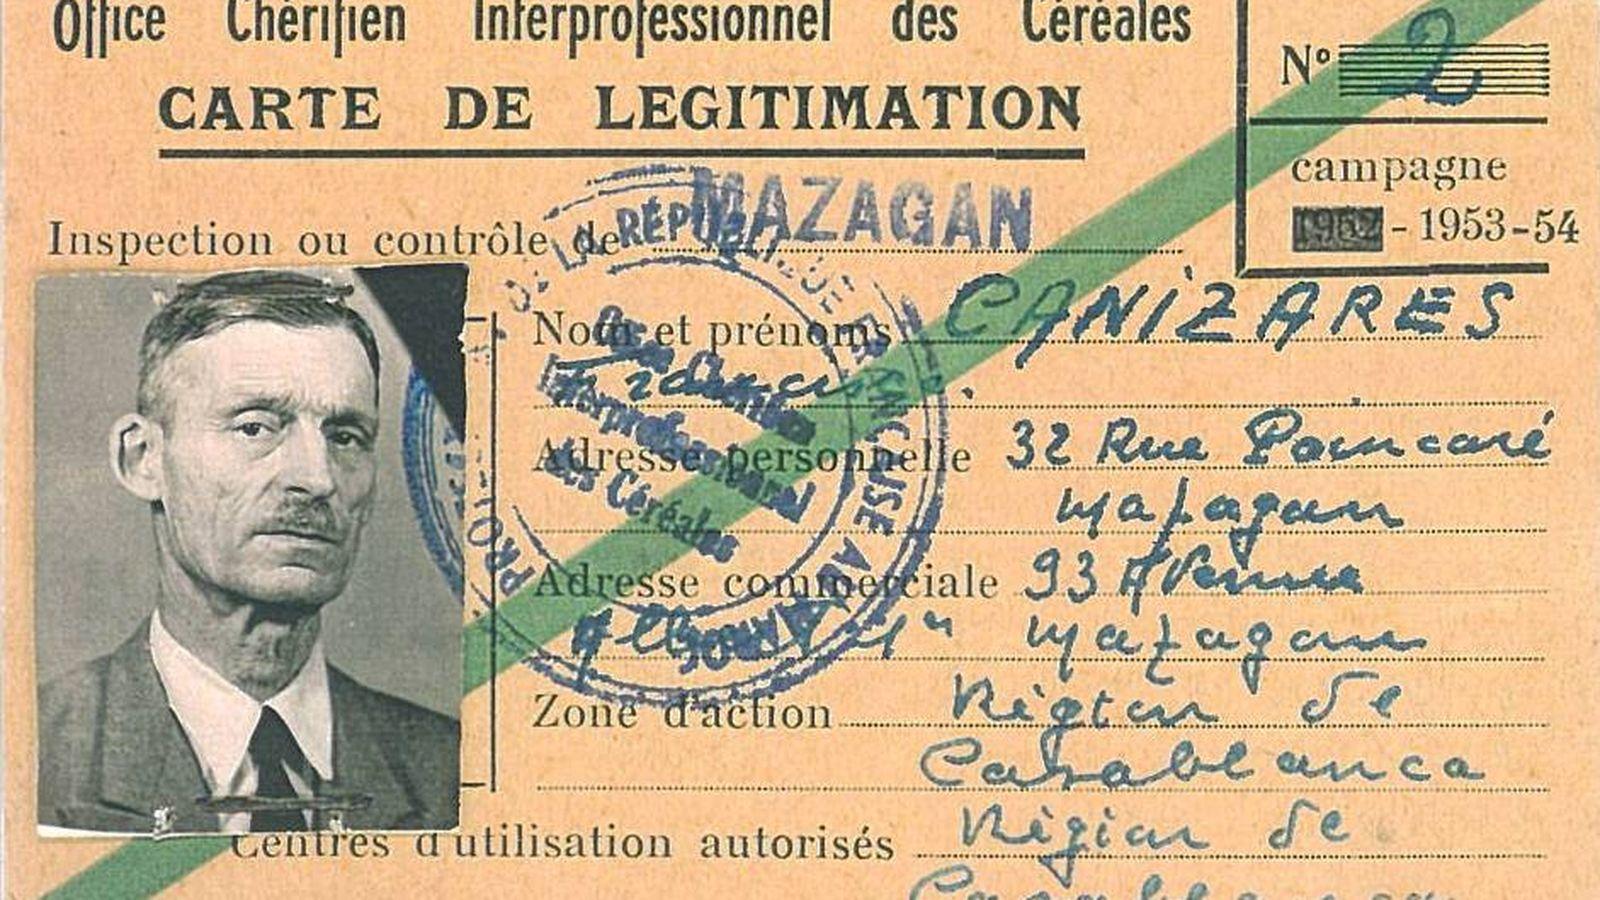 Foto: Carné de comerciante de cereales de Francisco Cañizares, español residente en el Protectorado francés de Marruecos. (Archivo familiar)